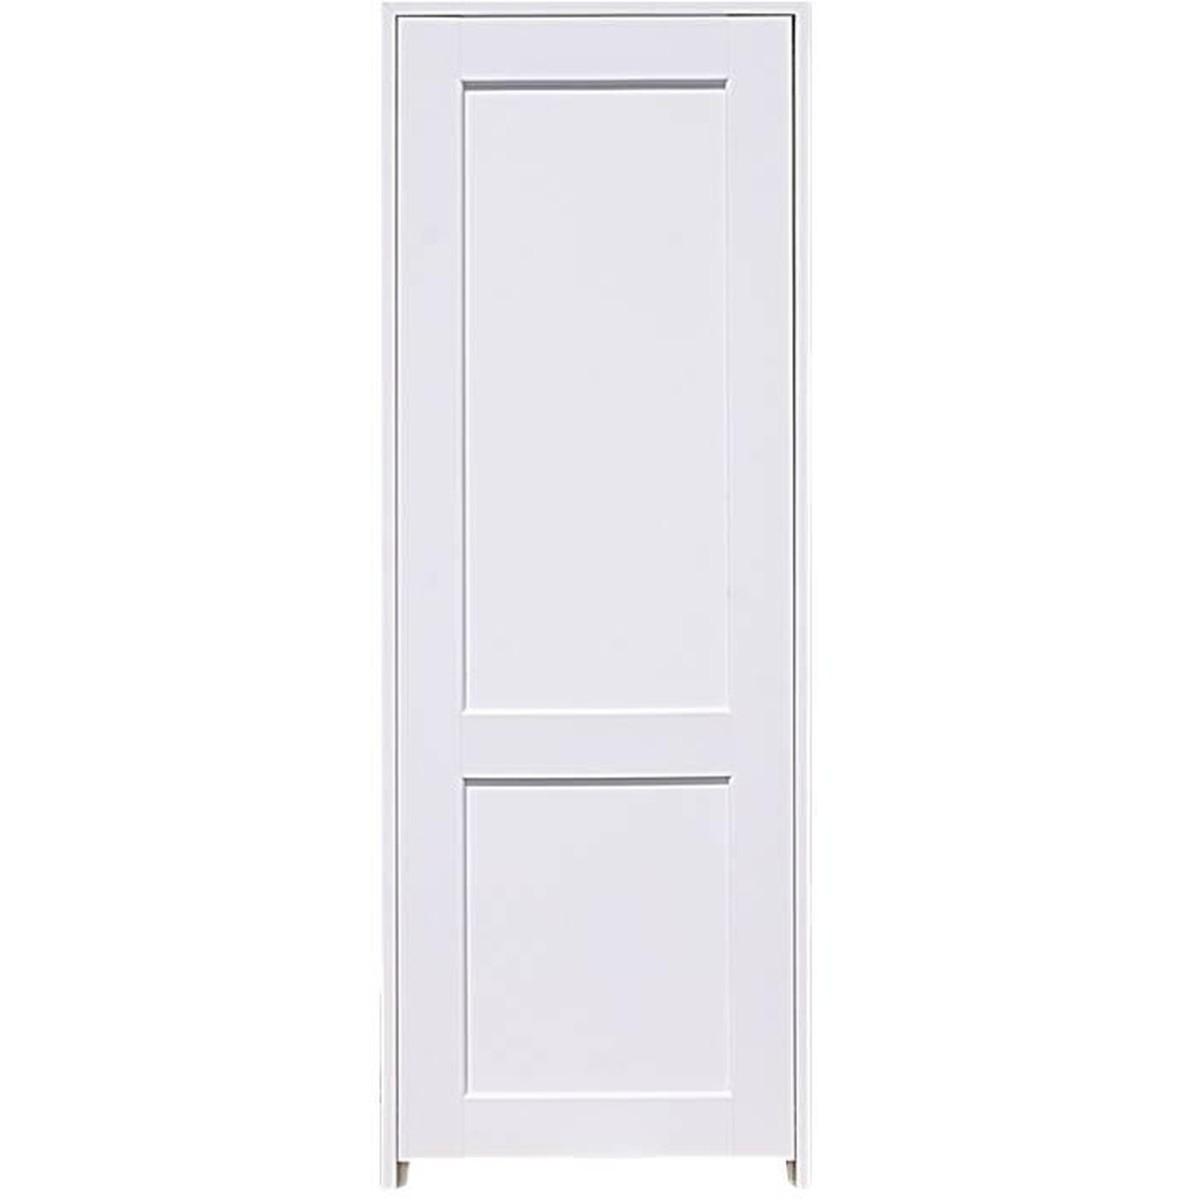 Блок дверной глухой с замком и петлями в комплекте Акваплюс 80x200 см ПВХ